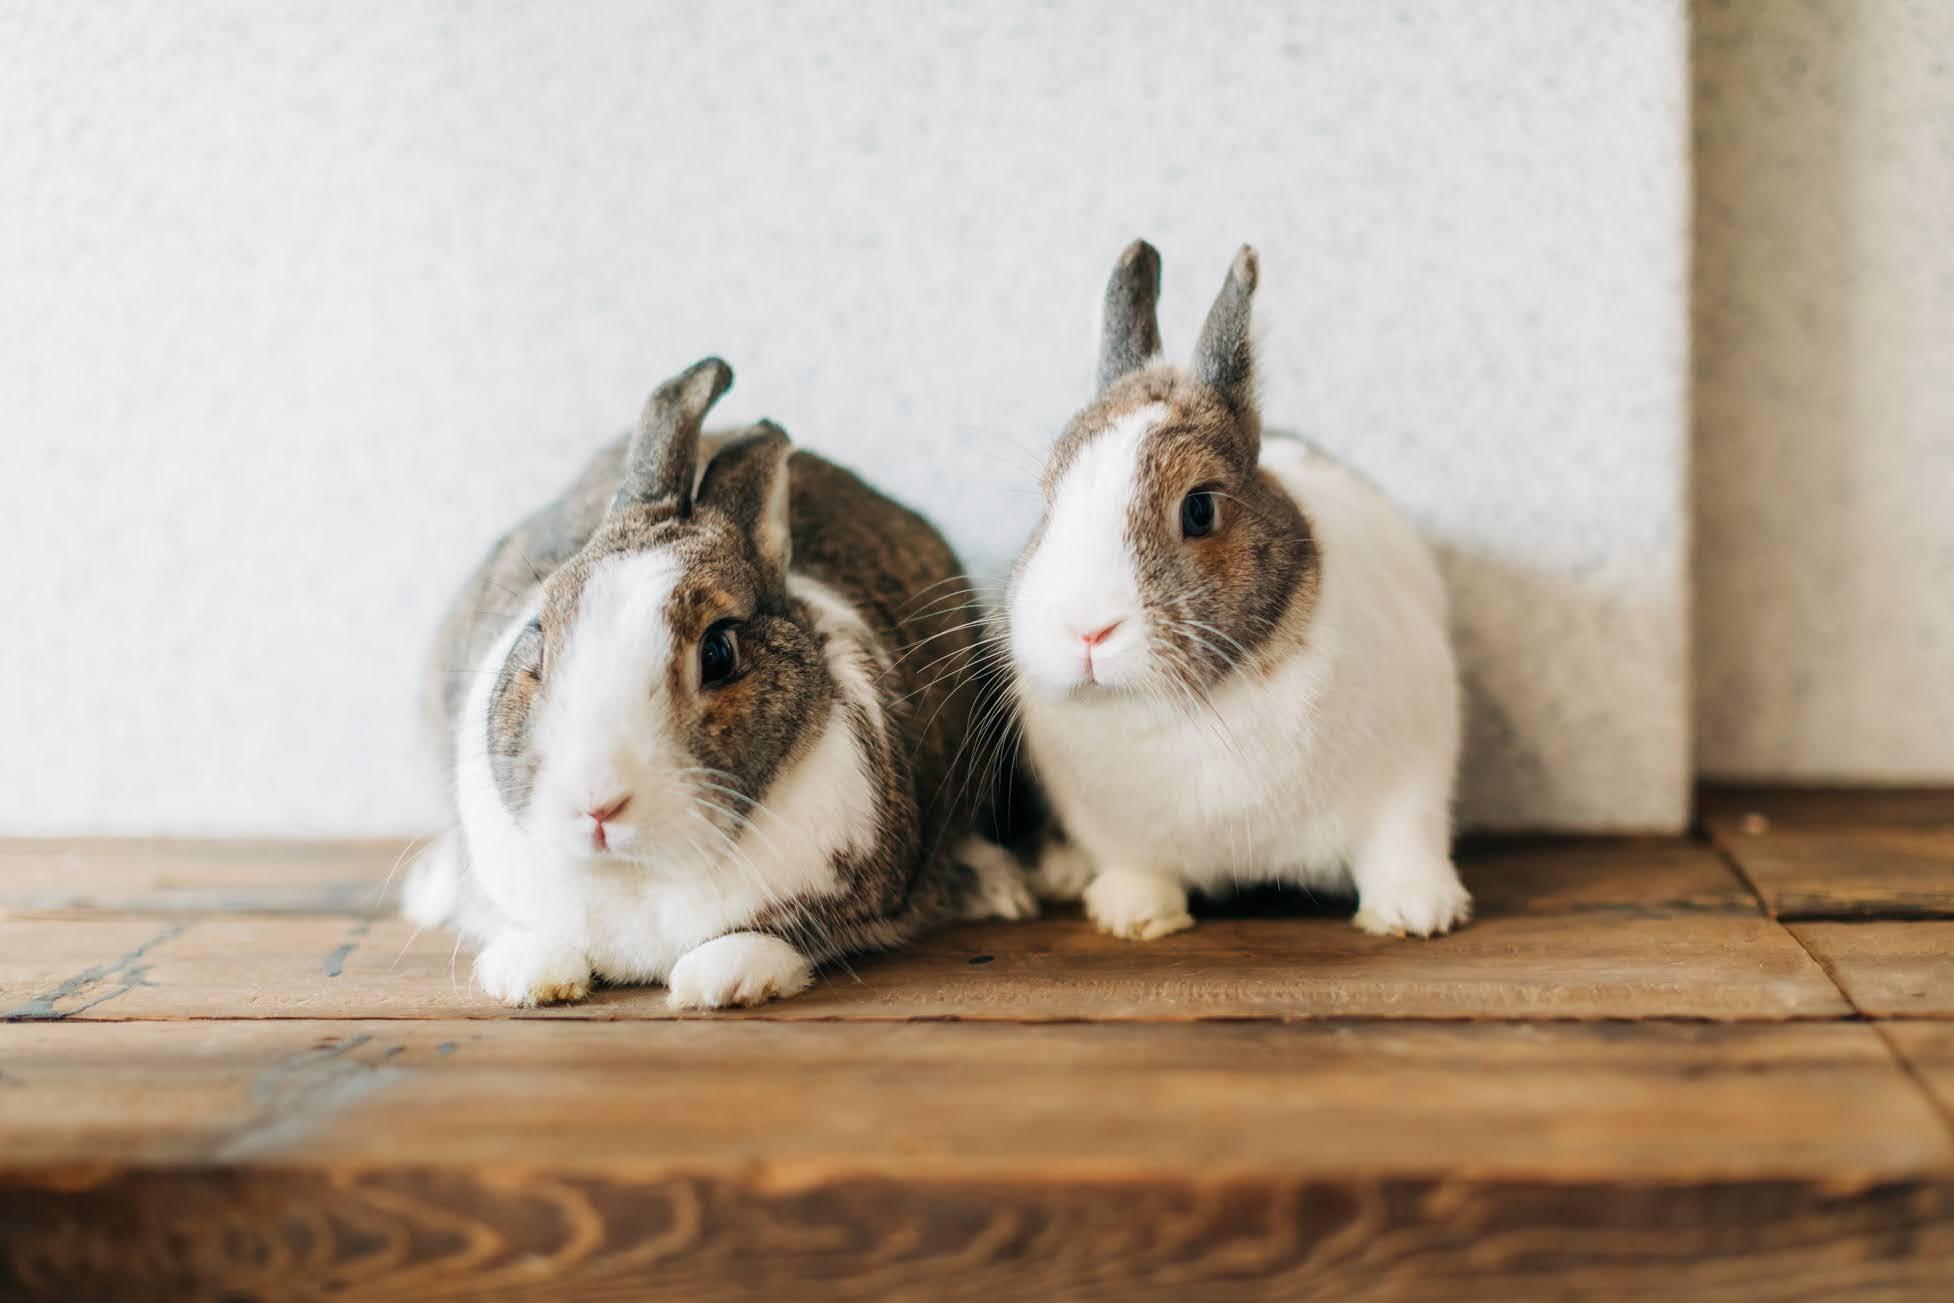 寵物婚紗兔子篇 / 兔子 毛小孩 婚紗 / 美式婚紗婚禮 / 兔寶寶 婚紗, 今年春天,我們在 搖籃婚紗攝影棚 ,替Fish & Wolf 拍攝了這組 兔子寵物 婚紗,在溫暖的春季 , 兩人帶著各自的 毛小孩 , 搭配攝影棚的簡約復古,令人印象深刻。這是一次非常深刻的 兔子寵物婚紗 經驗,而棚拍後,我們又再前往海邊,追著暖陽和微風, 替他們拍攝AG專屬的 逐光 婚紗。